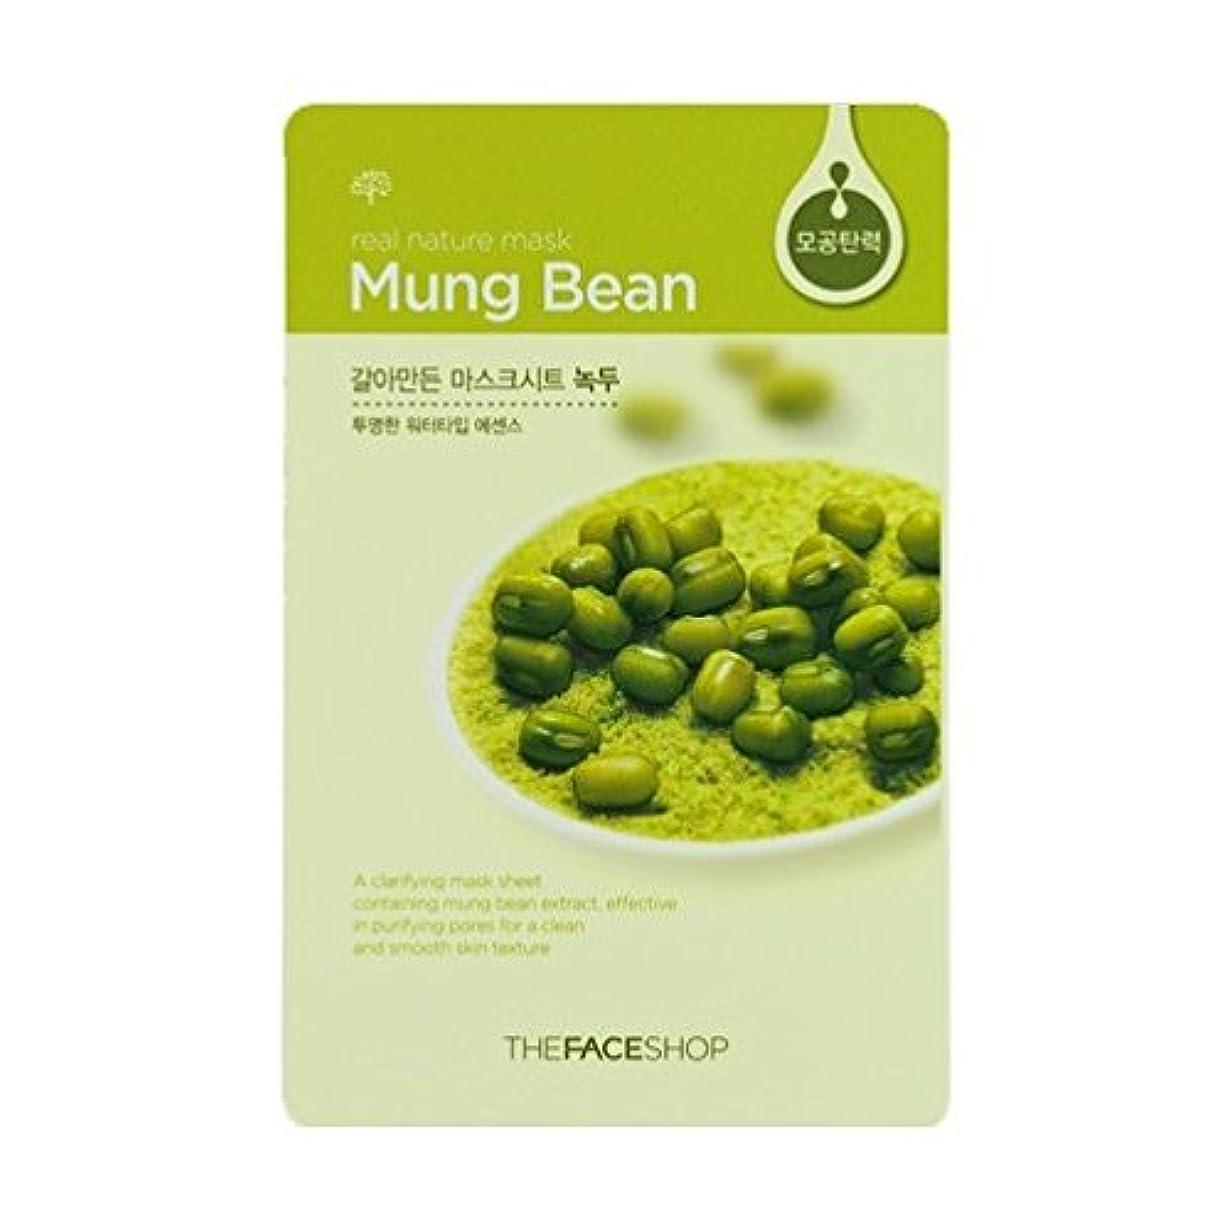 厚さ飛行機前兆[ザフェイスショップ] THE FACE SHOP [リアルナチュラル マスクシート] (Real Nature Mask Sheet) (Mask Sheet Mung Bean 30枚) [並行輸入品]